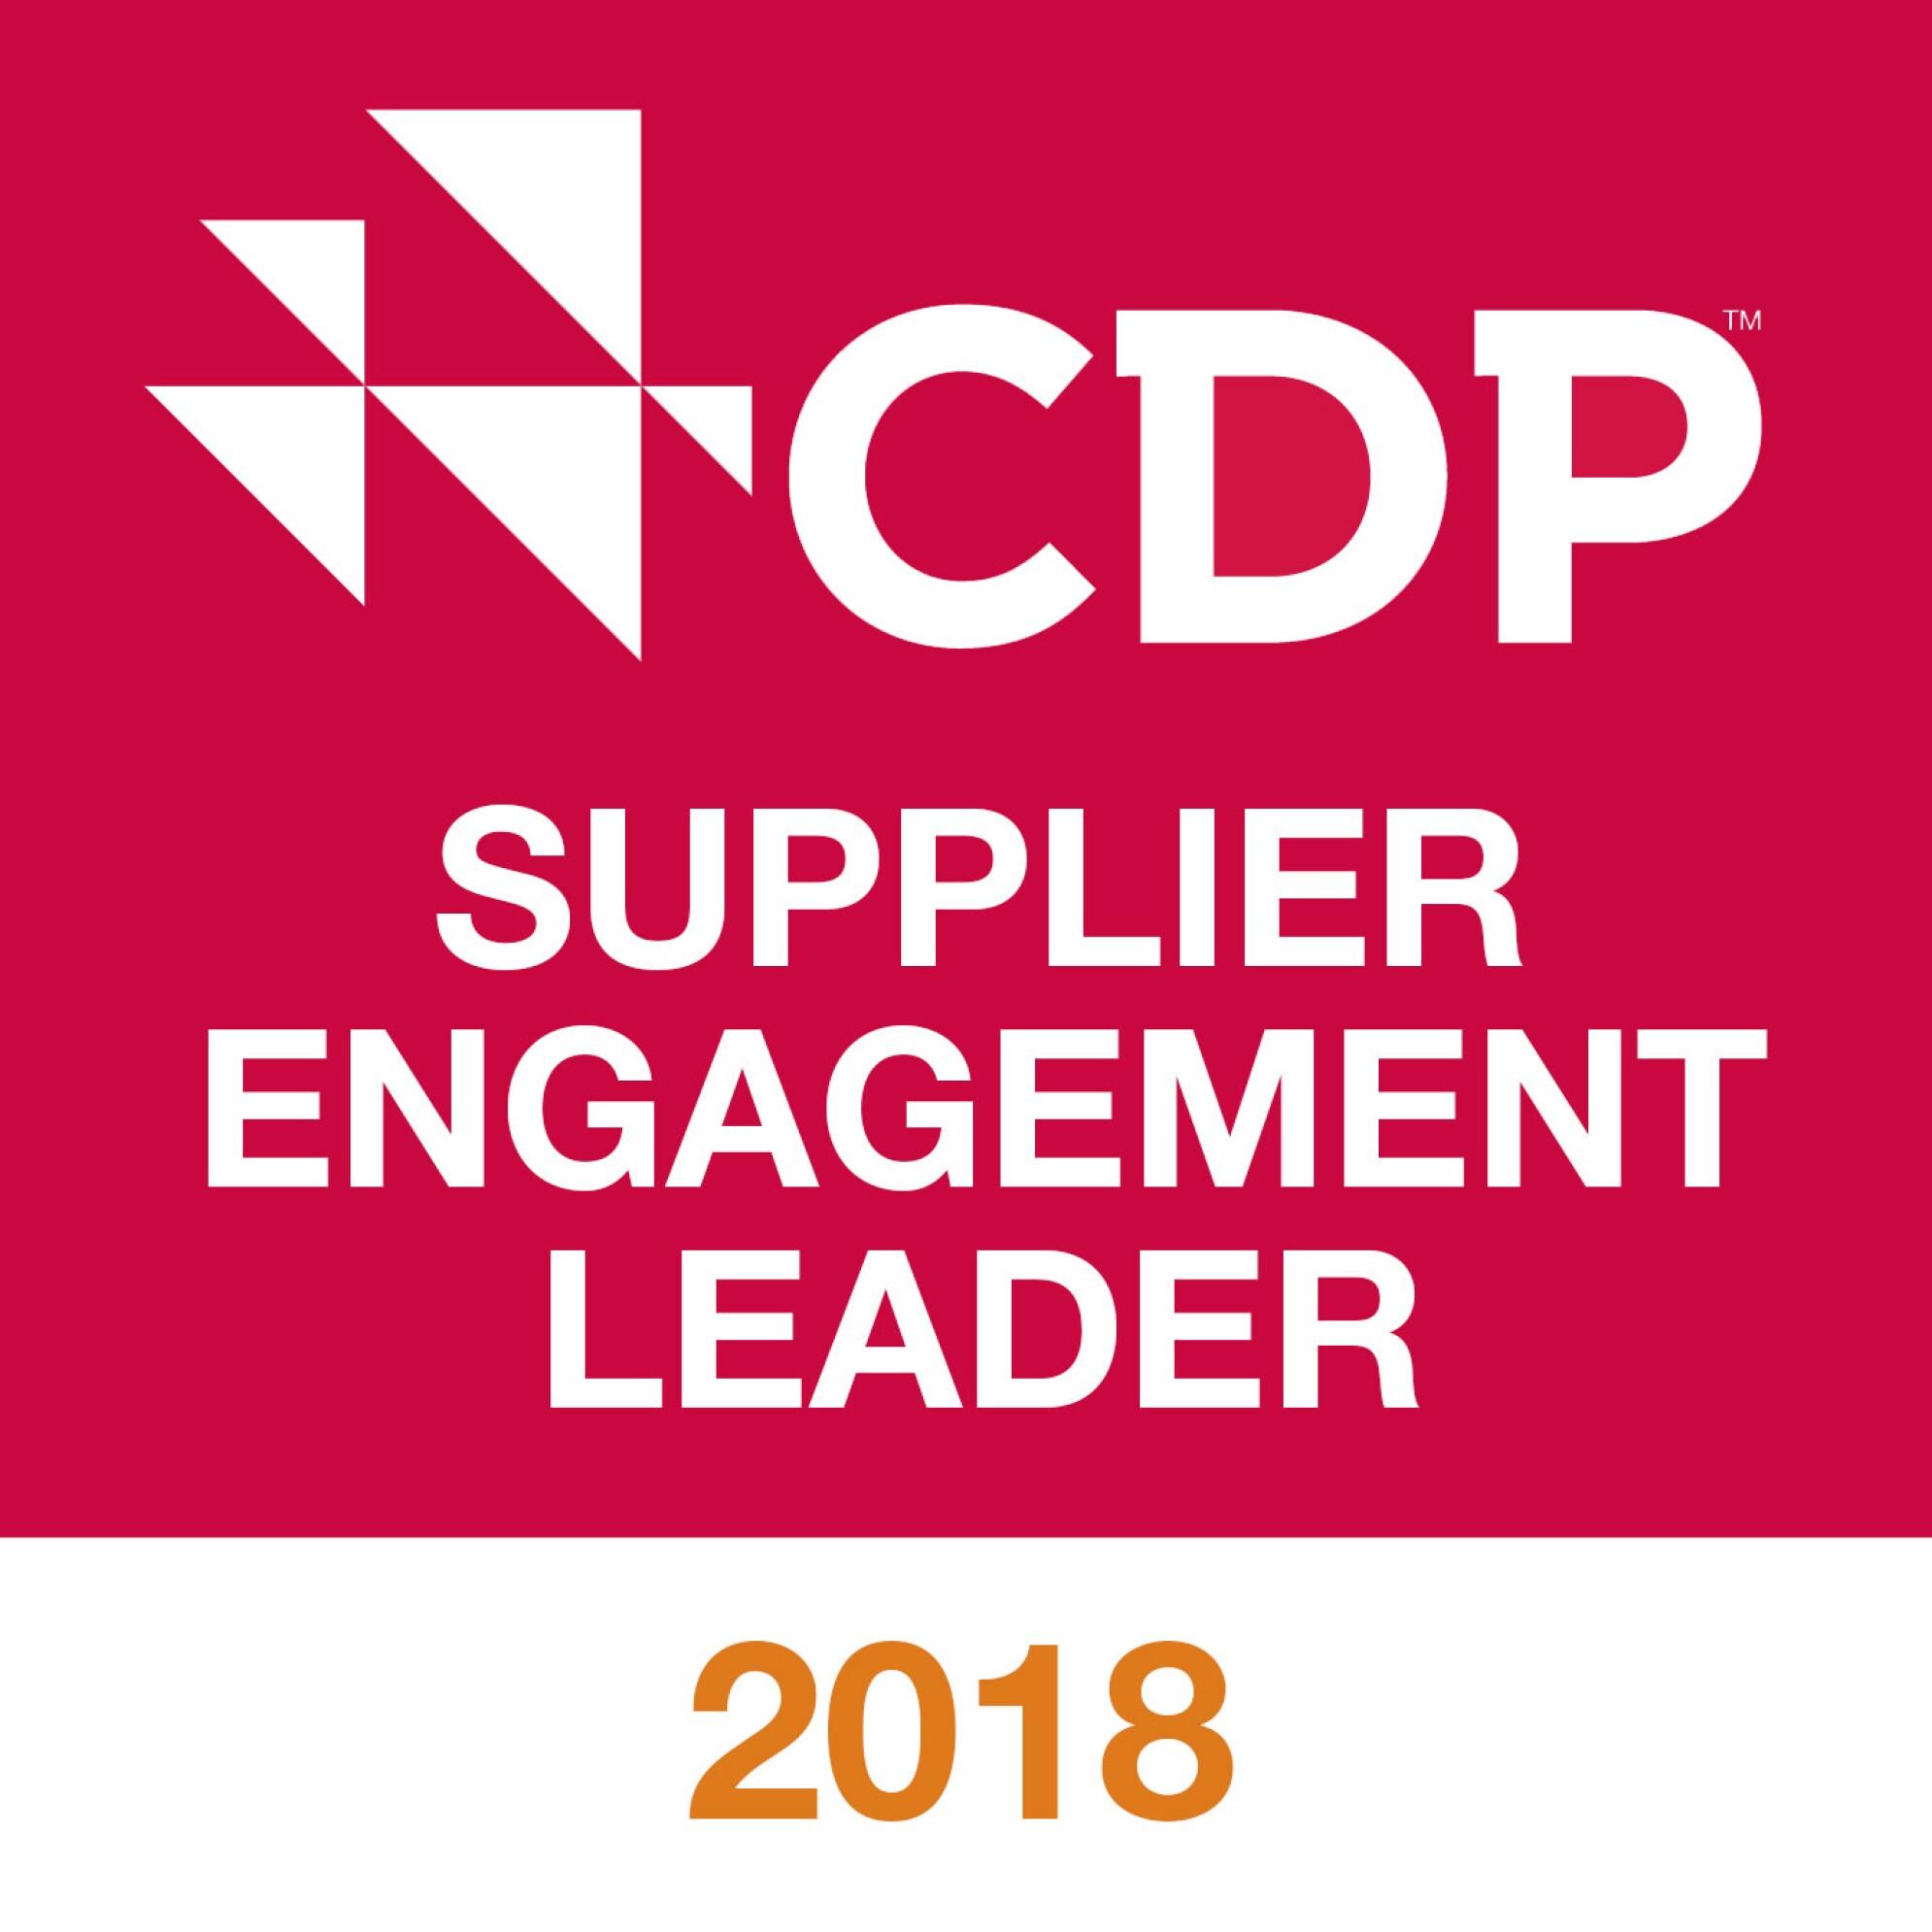 CDP Supplier Engagement Leader 2018 stamp.jpg